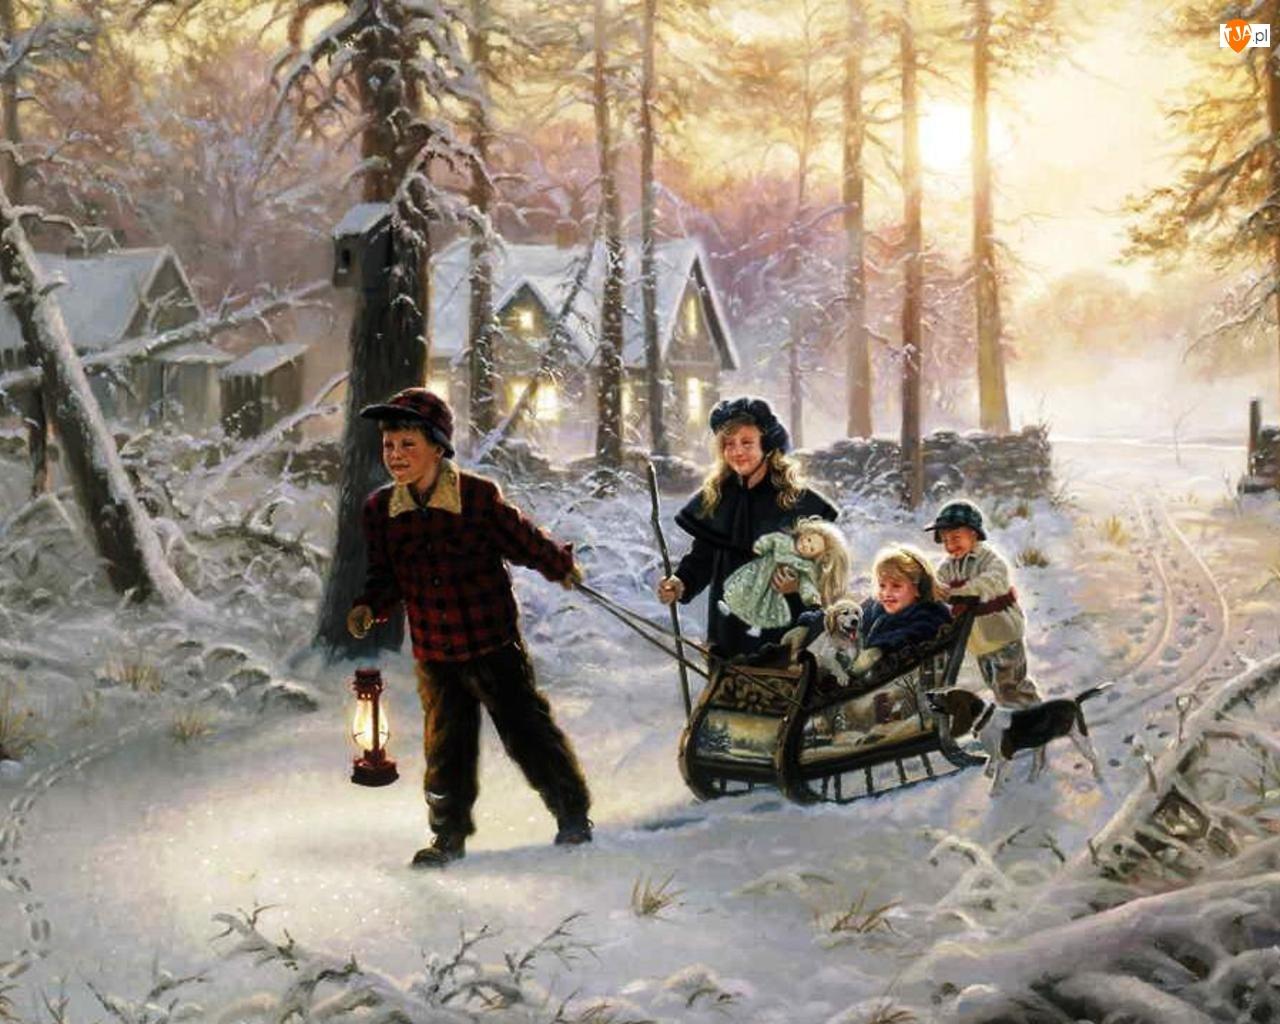 Dzieci, Malarstwo, Sanki, Zima